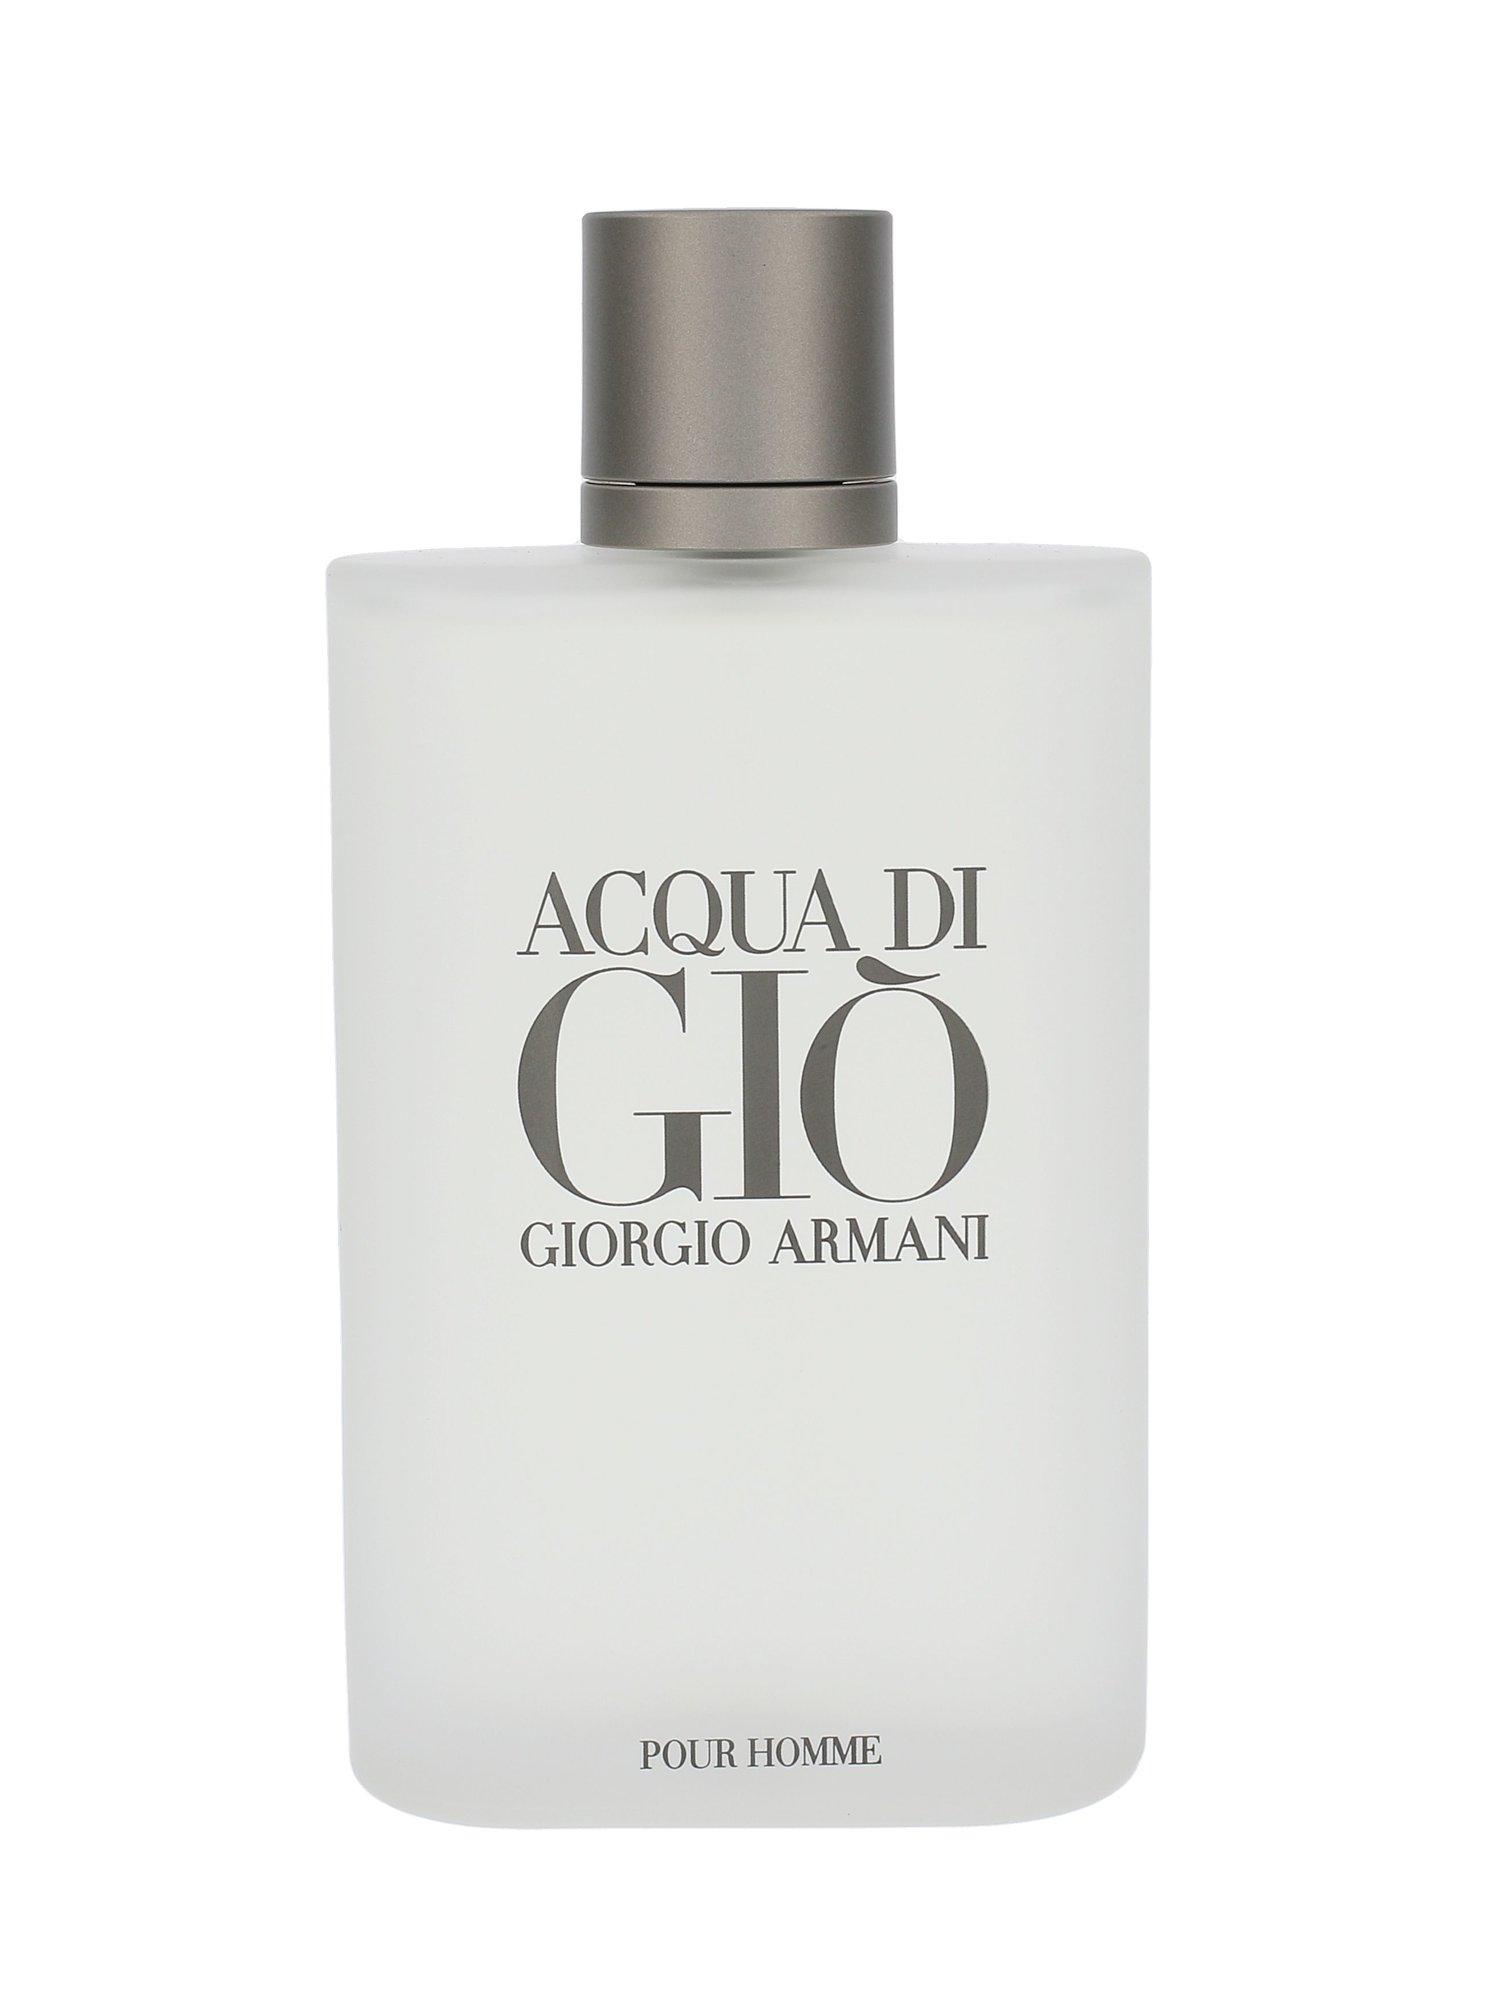 Giorgio Armani Acqua di Gio EDT 200ml